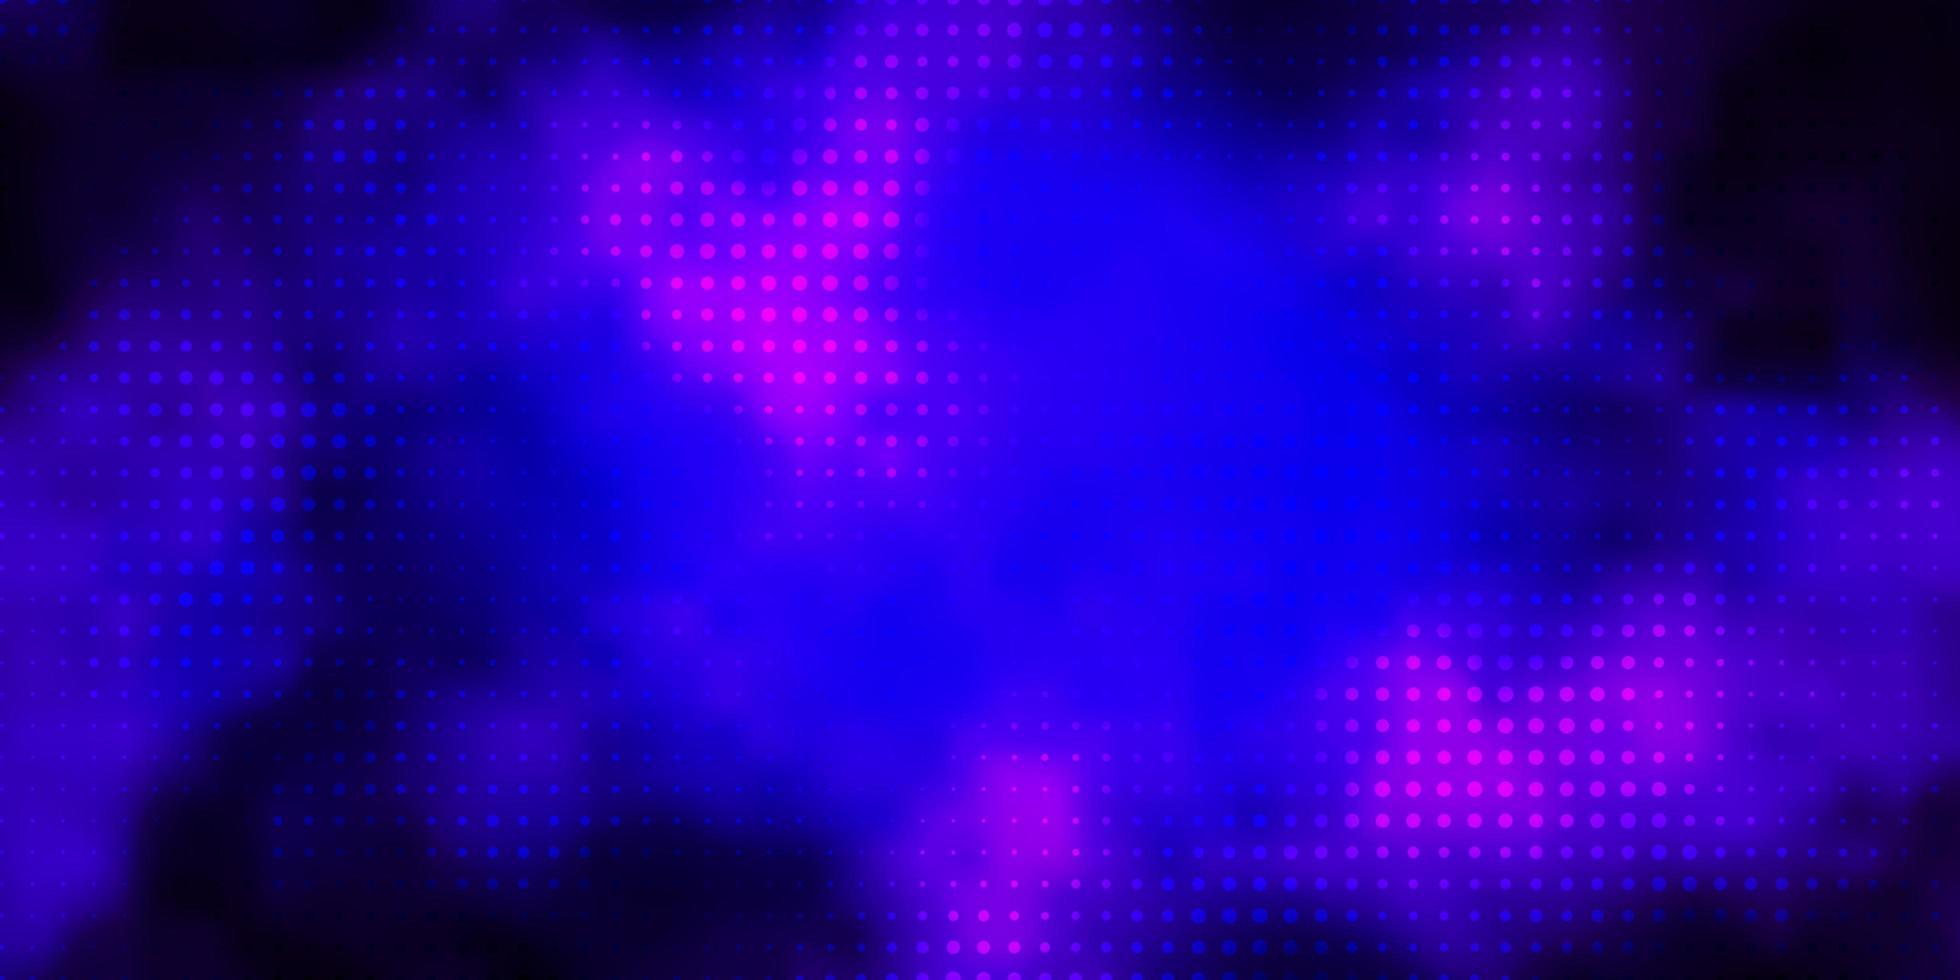 mörk lila vektor bakgrund med bubblor.